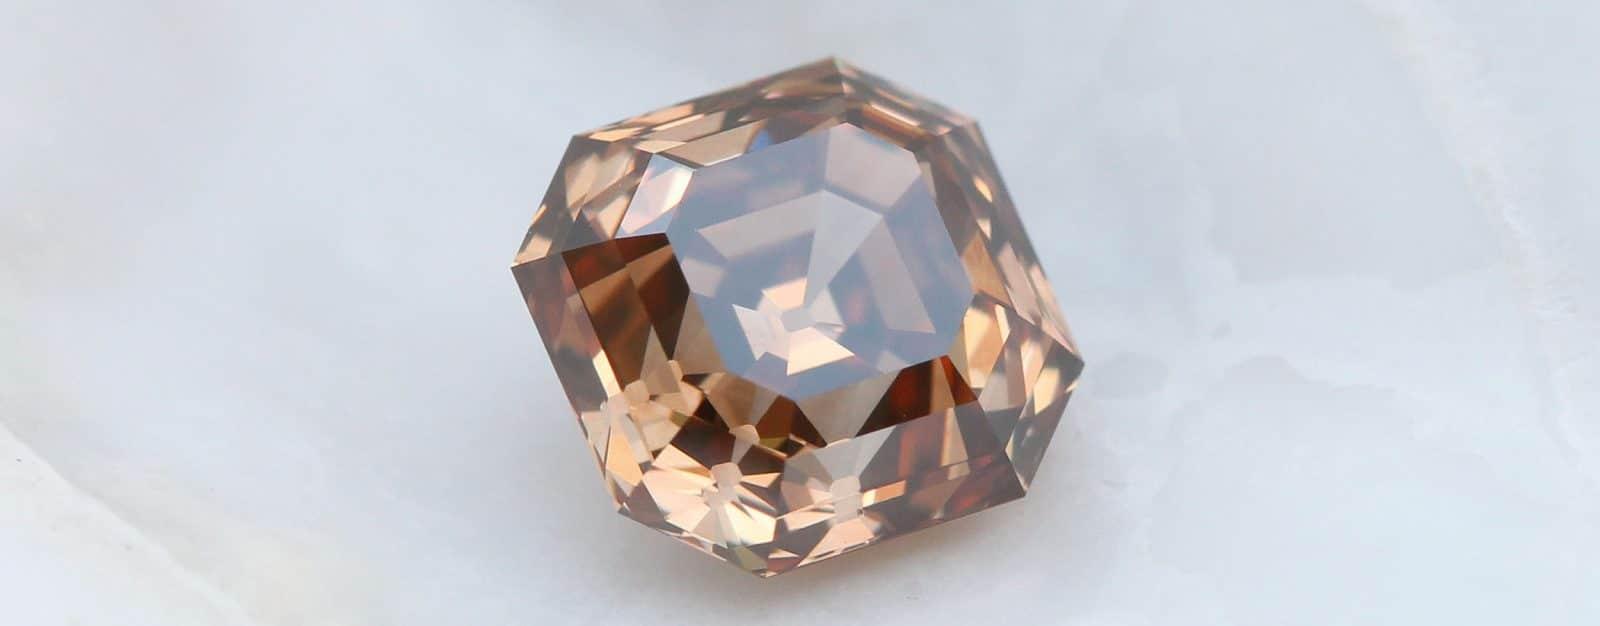 Asscher Cut diamonds ensemble